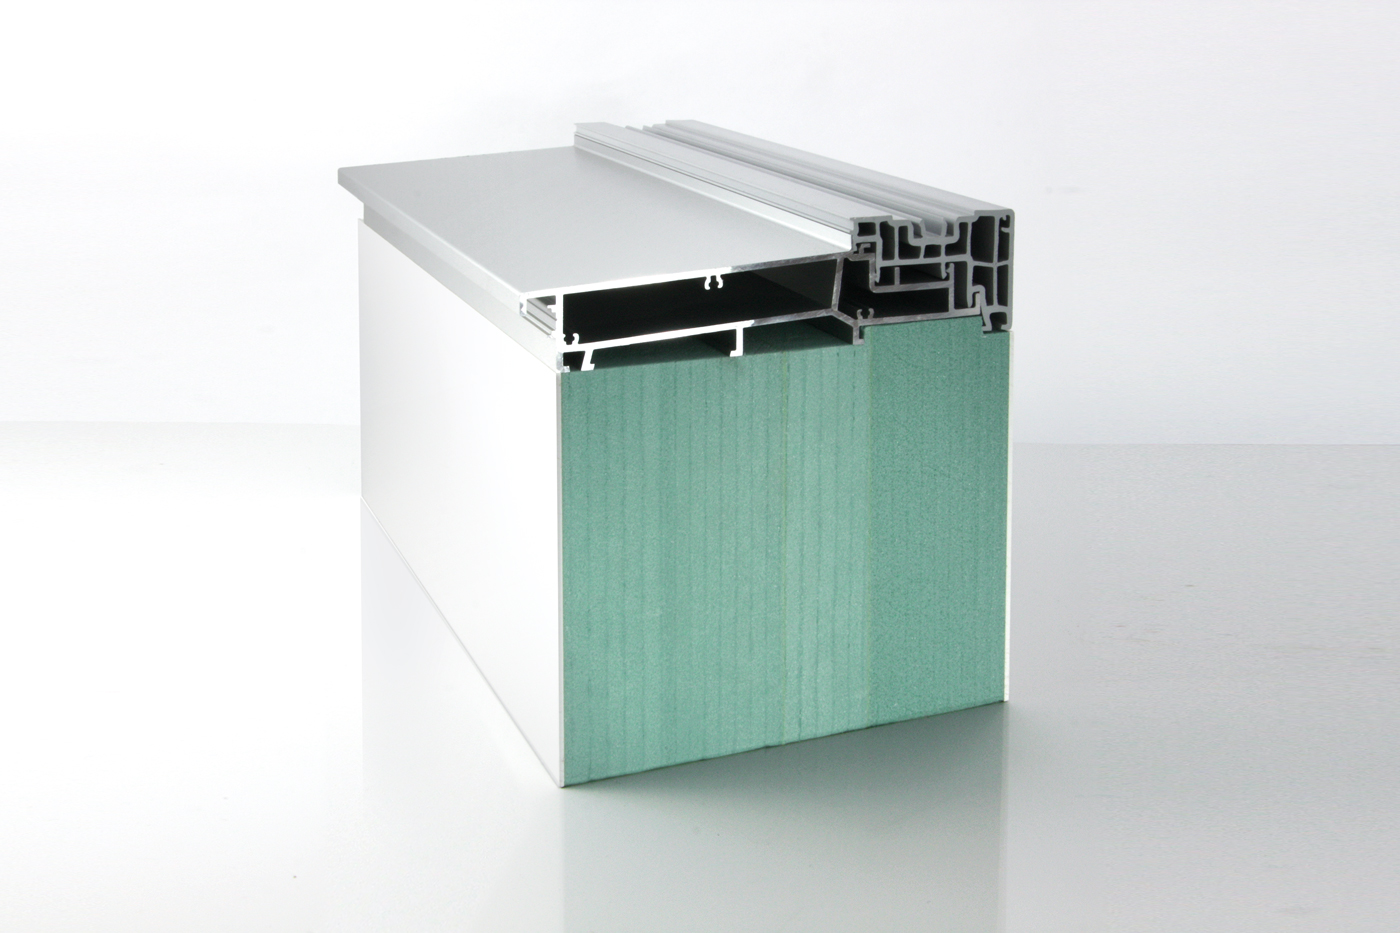 Adapterprofil für Hebe-Schiebe-türschwellen